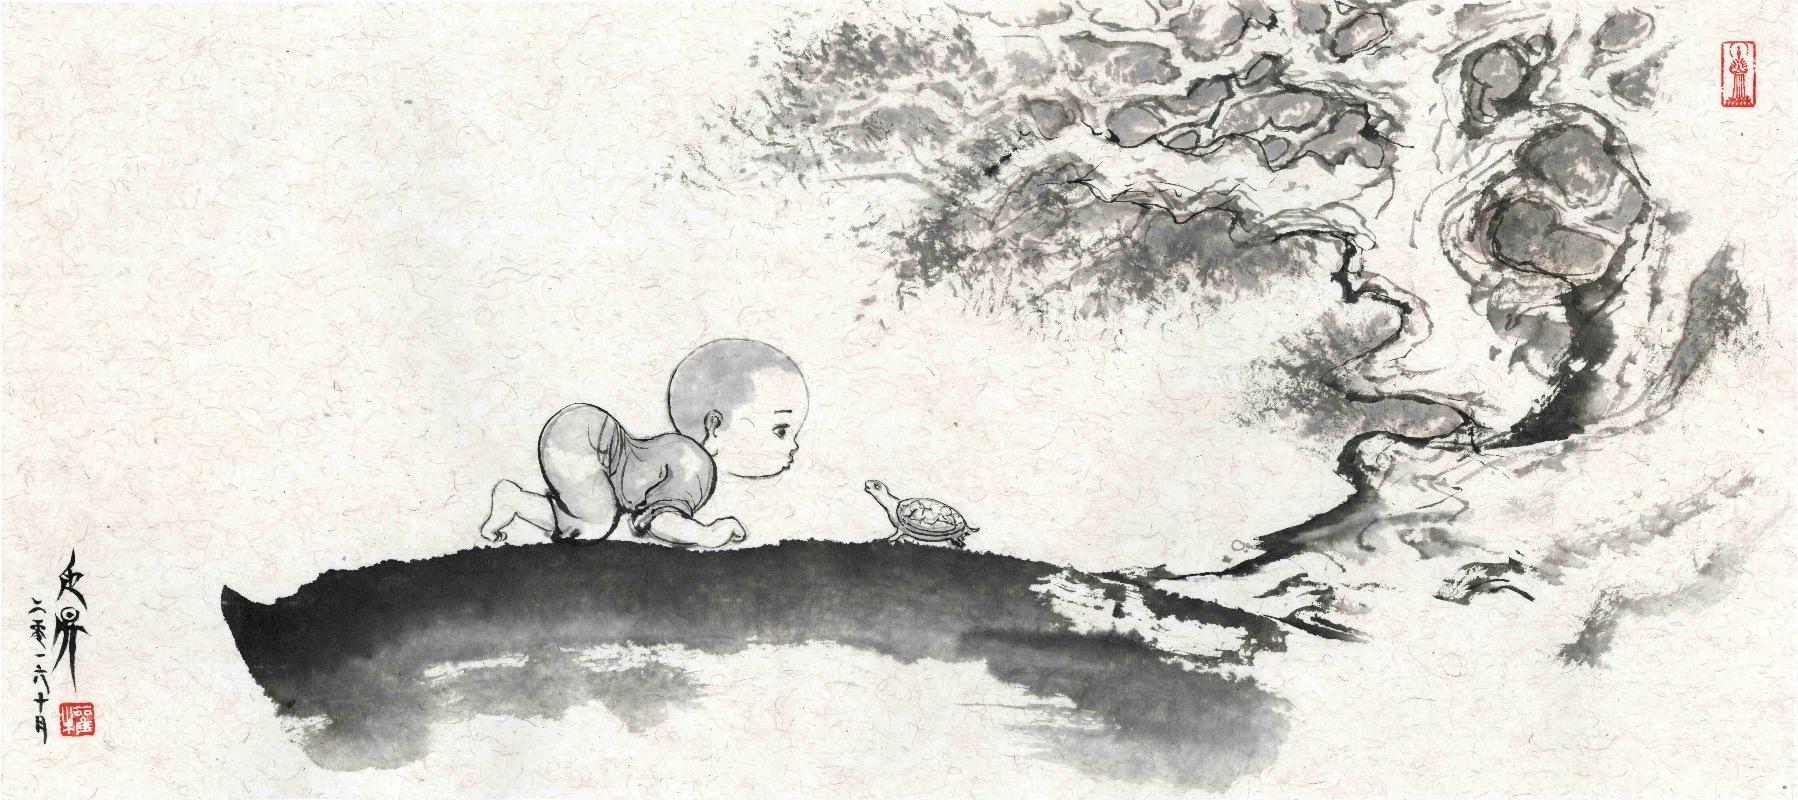 """权迎升""""禅画小和尚""""水墨艺术展上海开幕"""